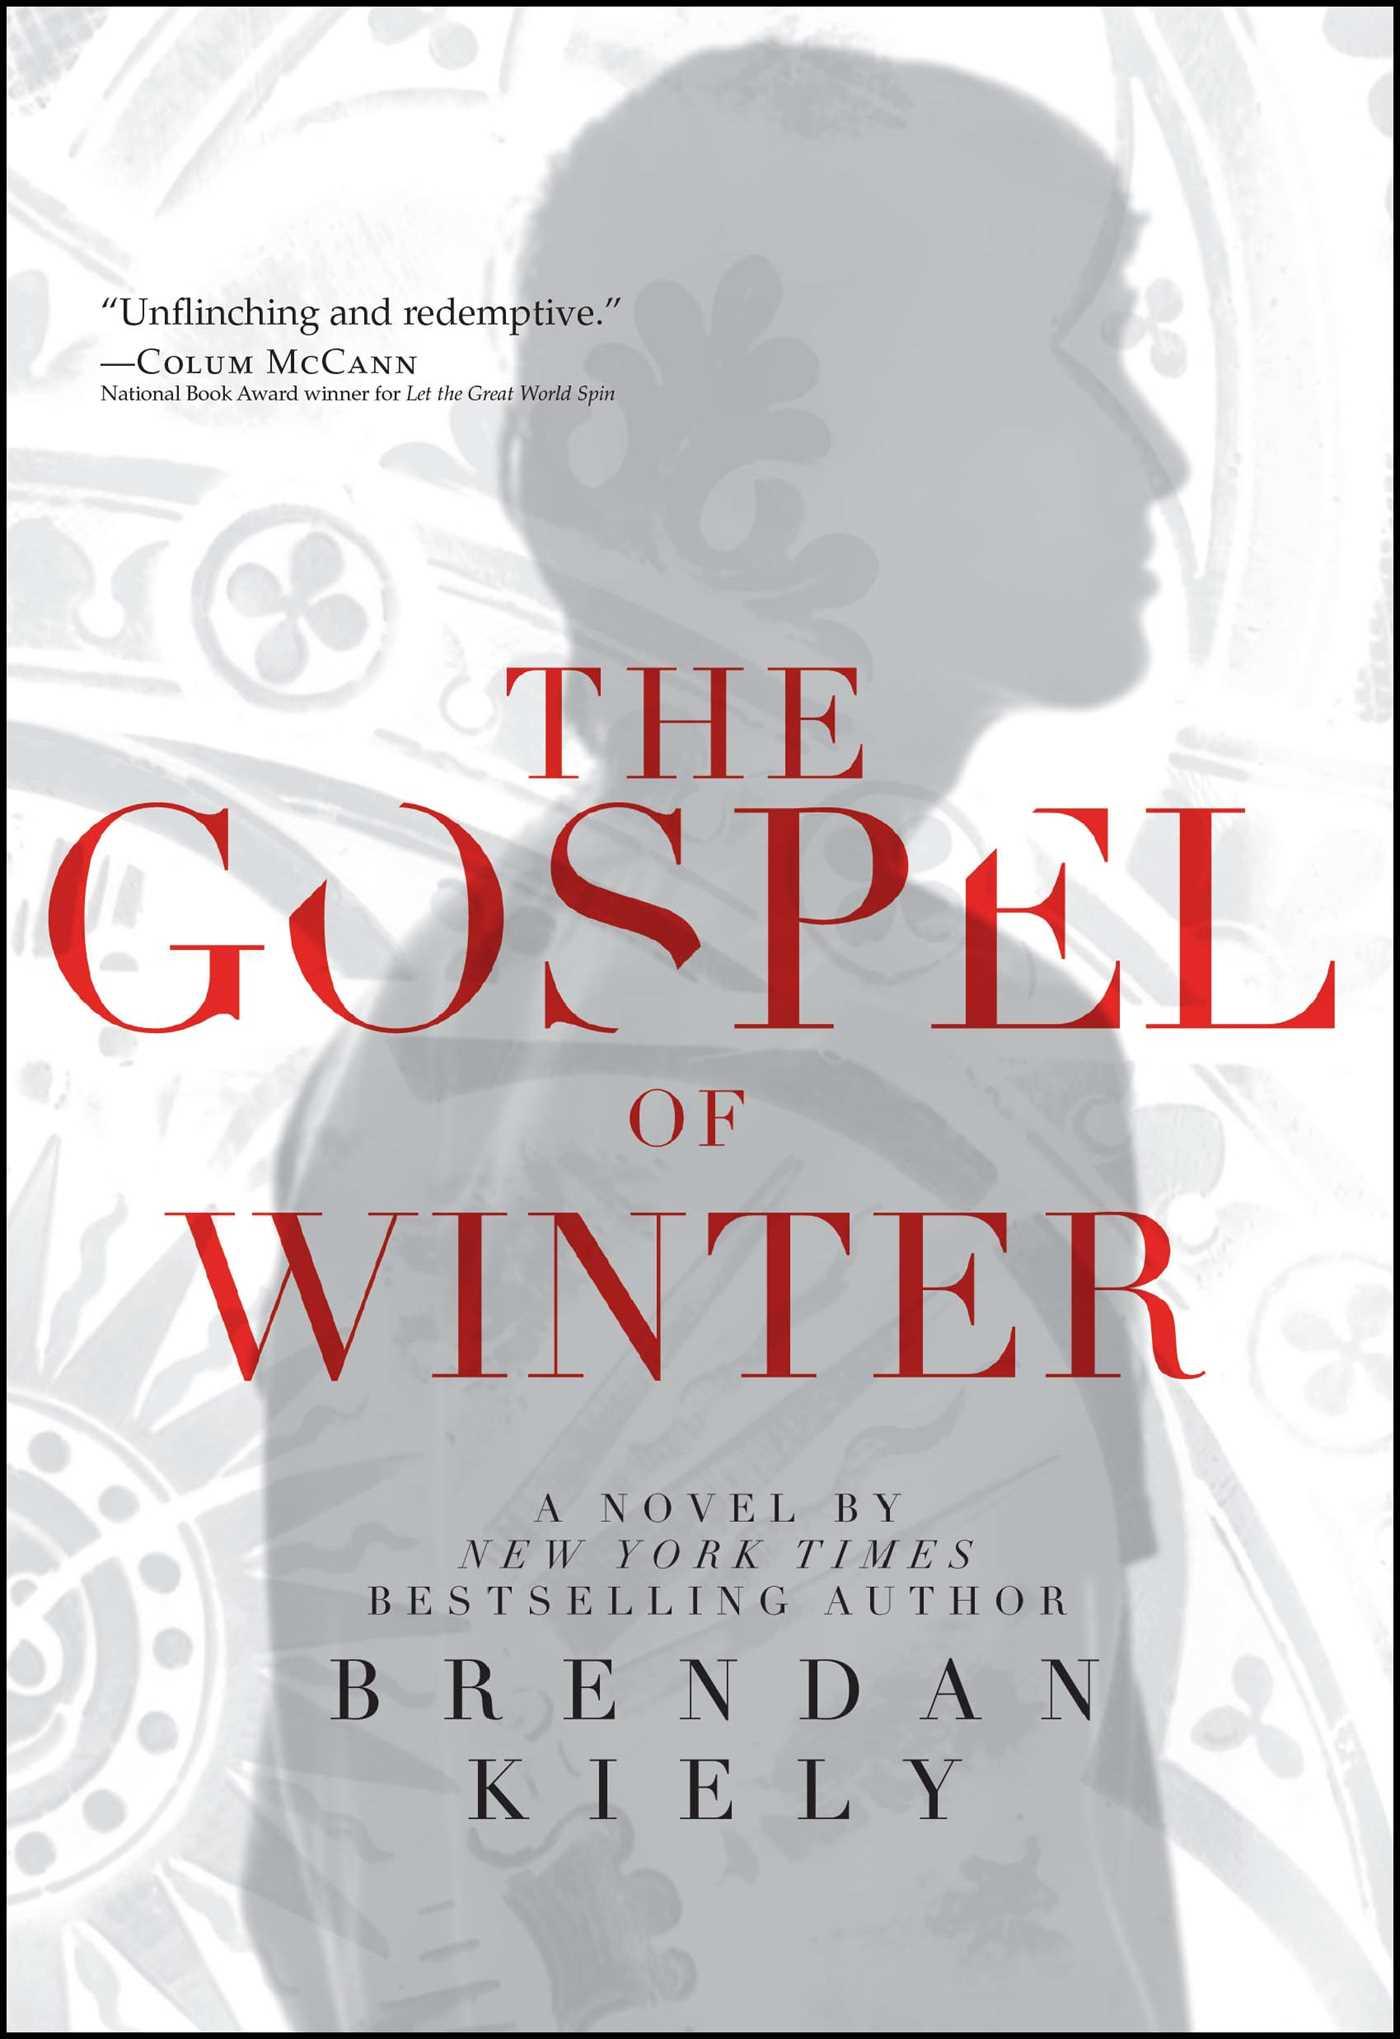 The gospel of winter 9781442484900 hr